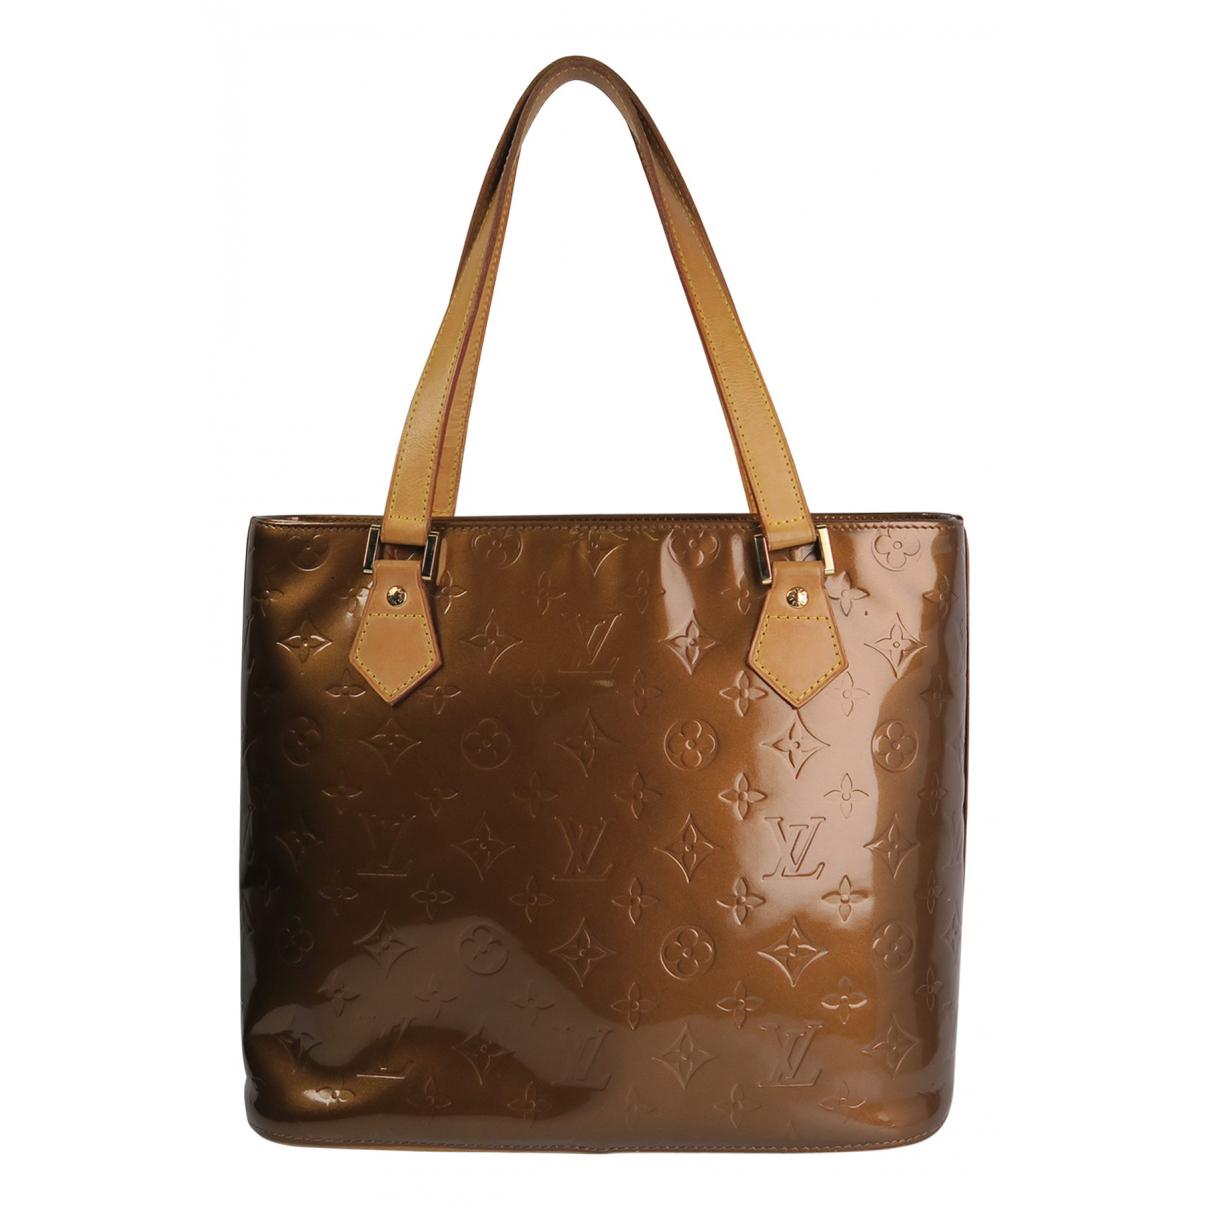 Louis Vuitton - Sac a main Houston pour femme en cuir verni - marron